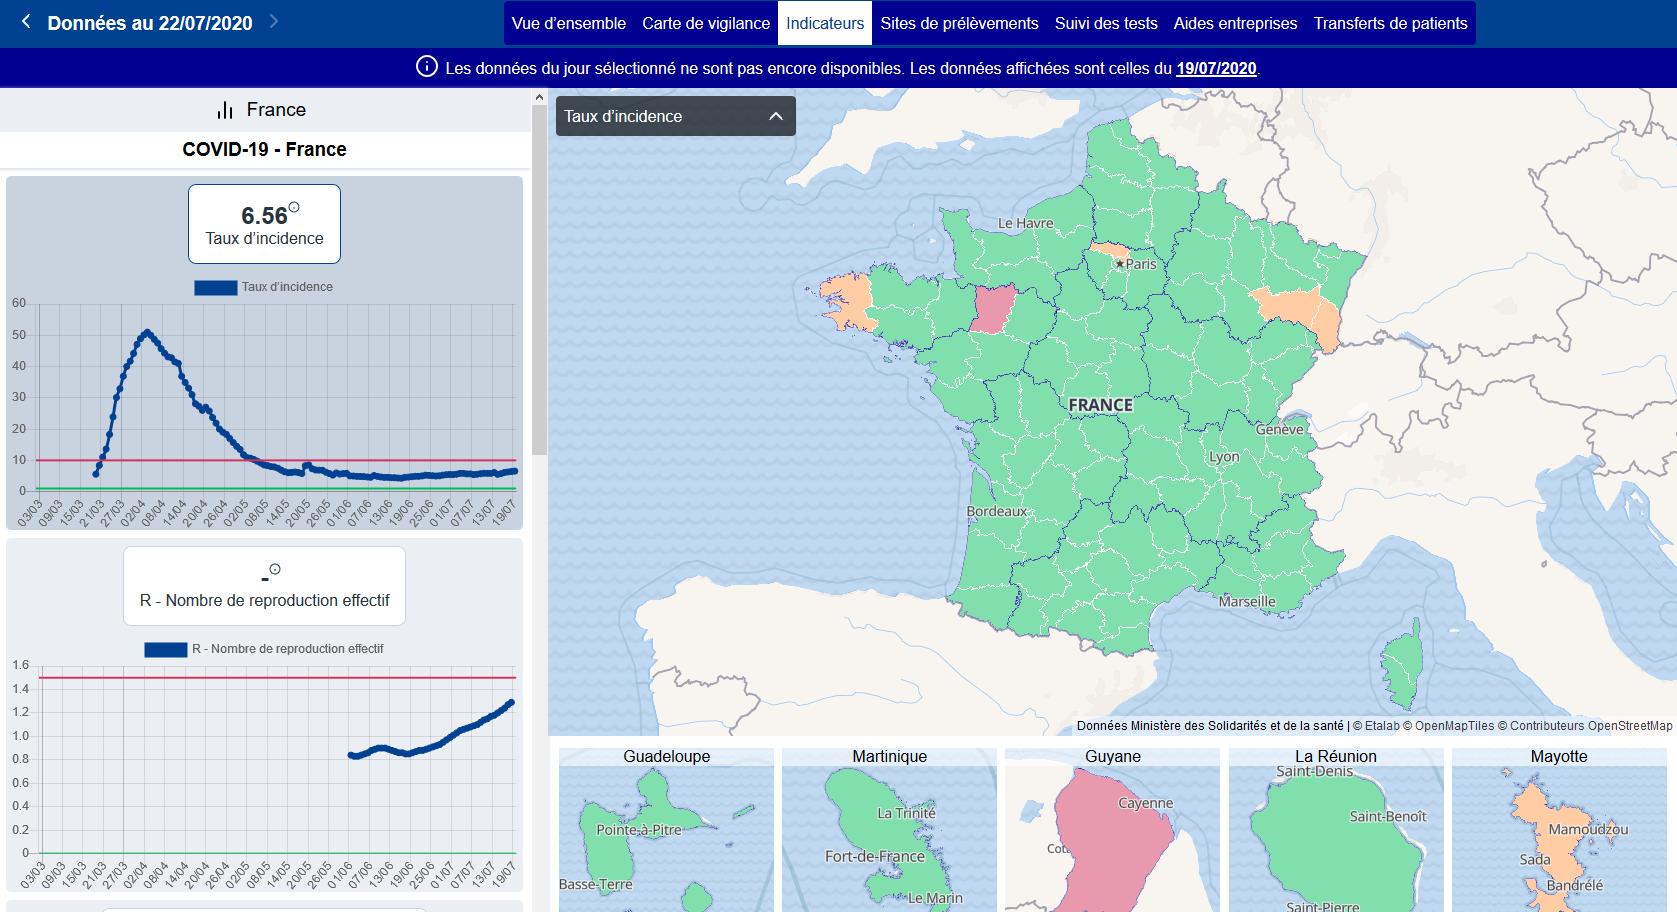 Le taux d'incidence au 19 juillet 2020 (capture d'écran réalisée le 23 juillet)